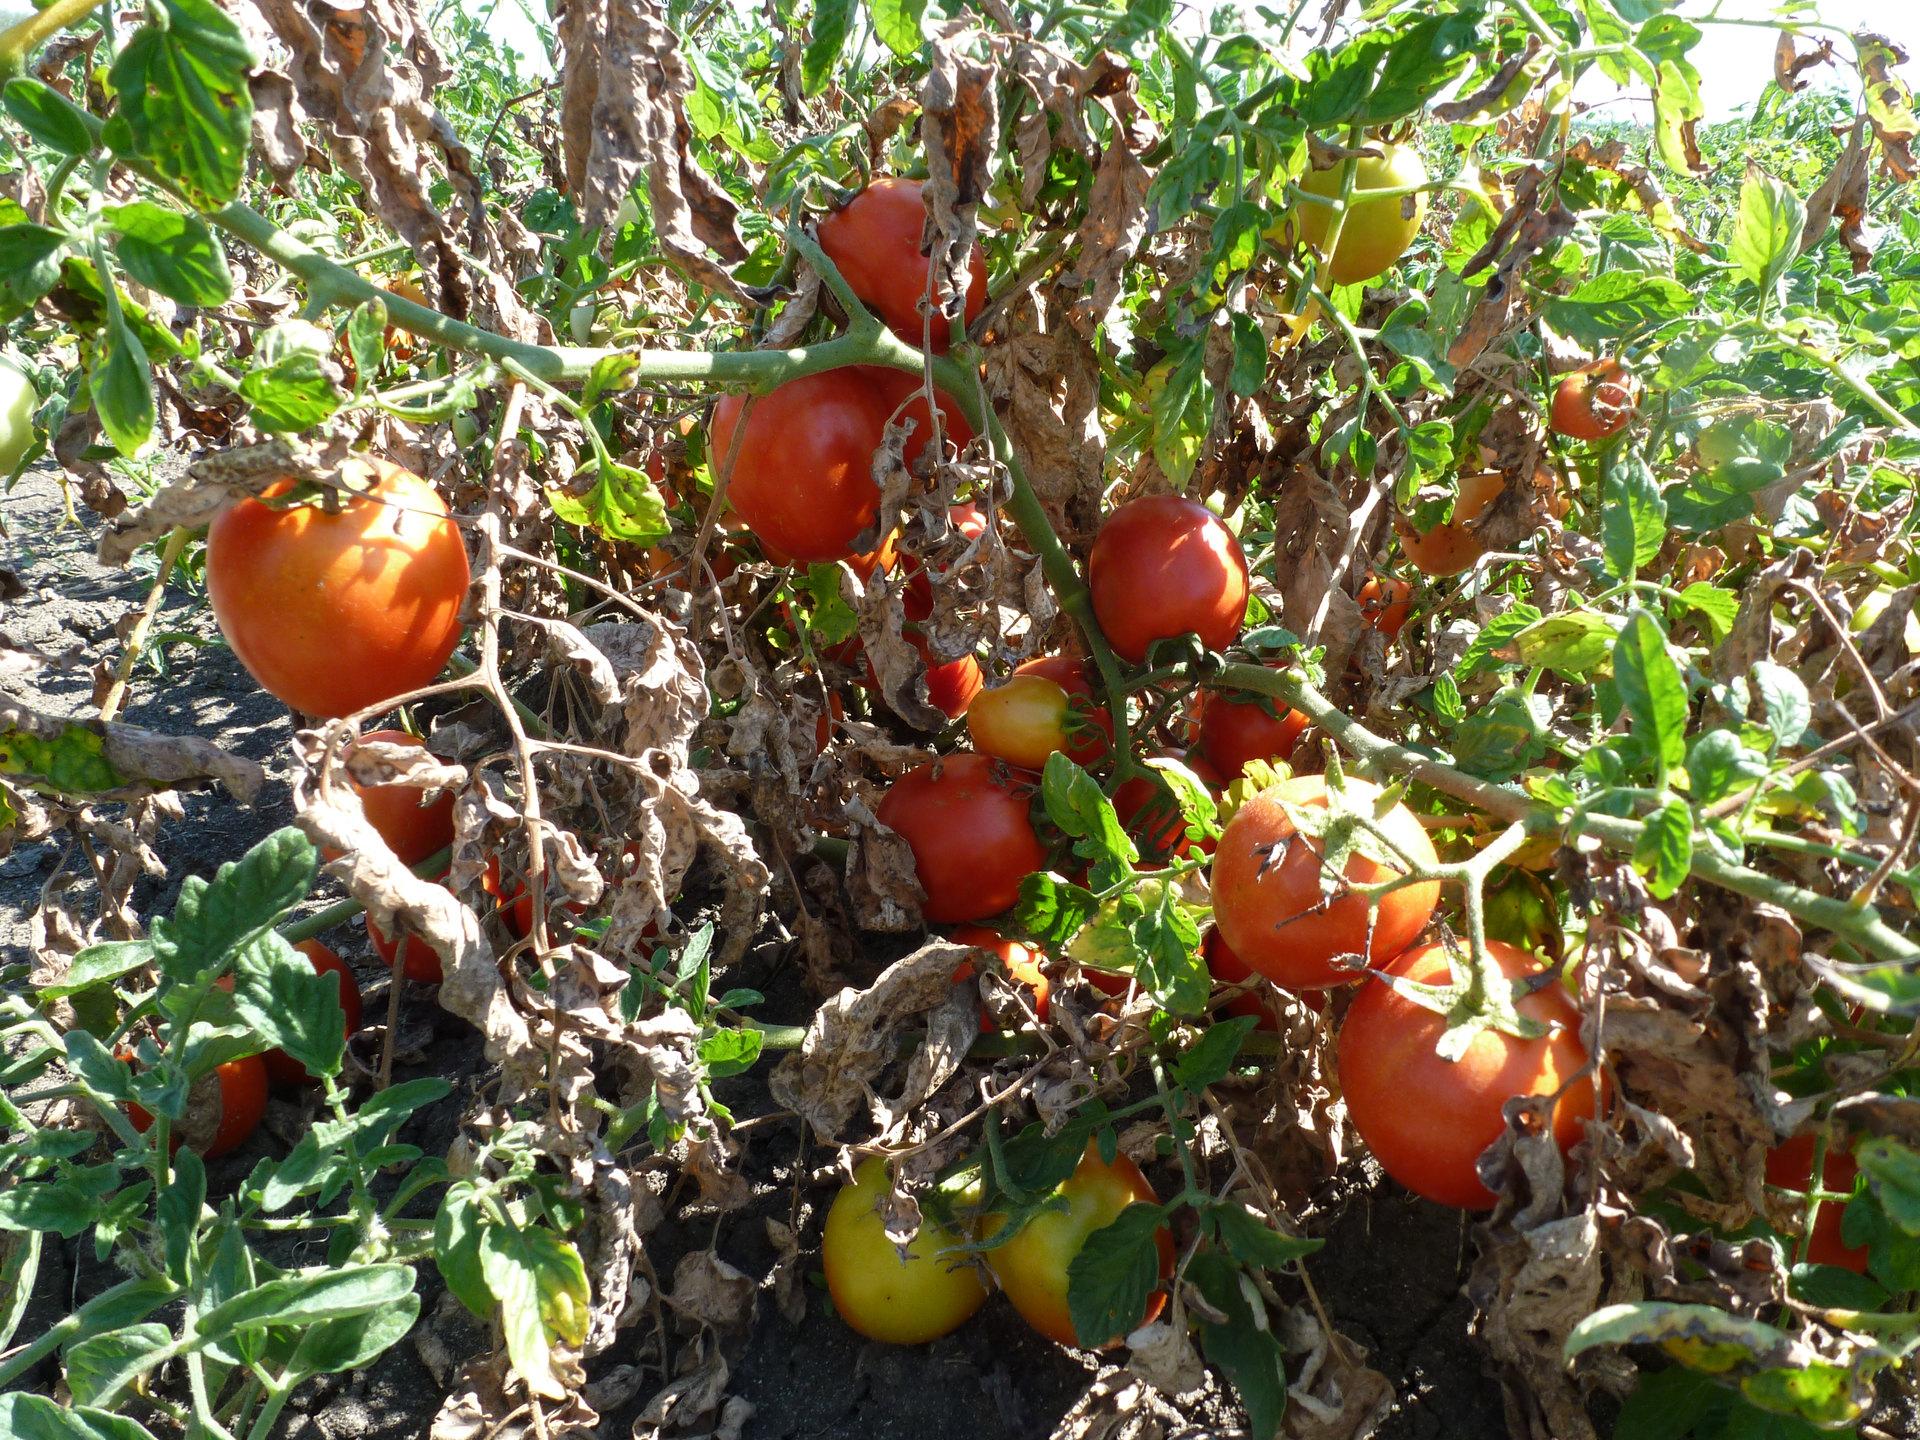 Trápí Vás houbové choroby u révy, ovocných stromů nebo rajčat?